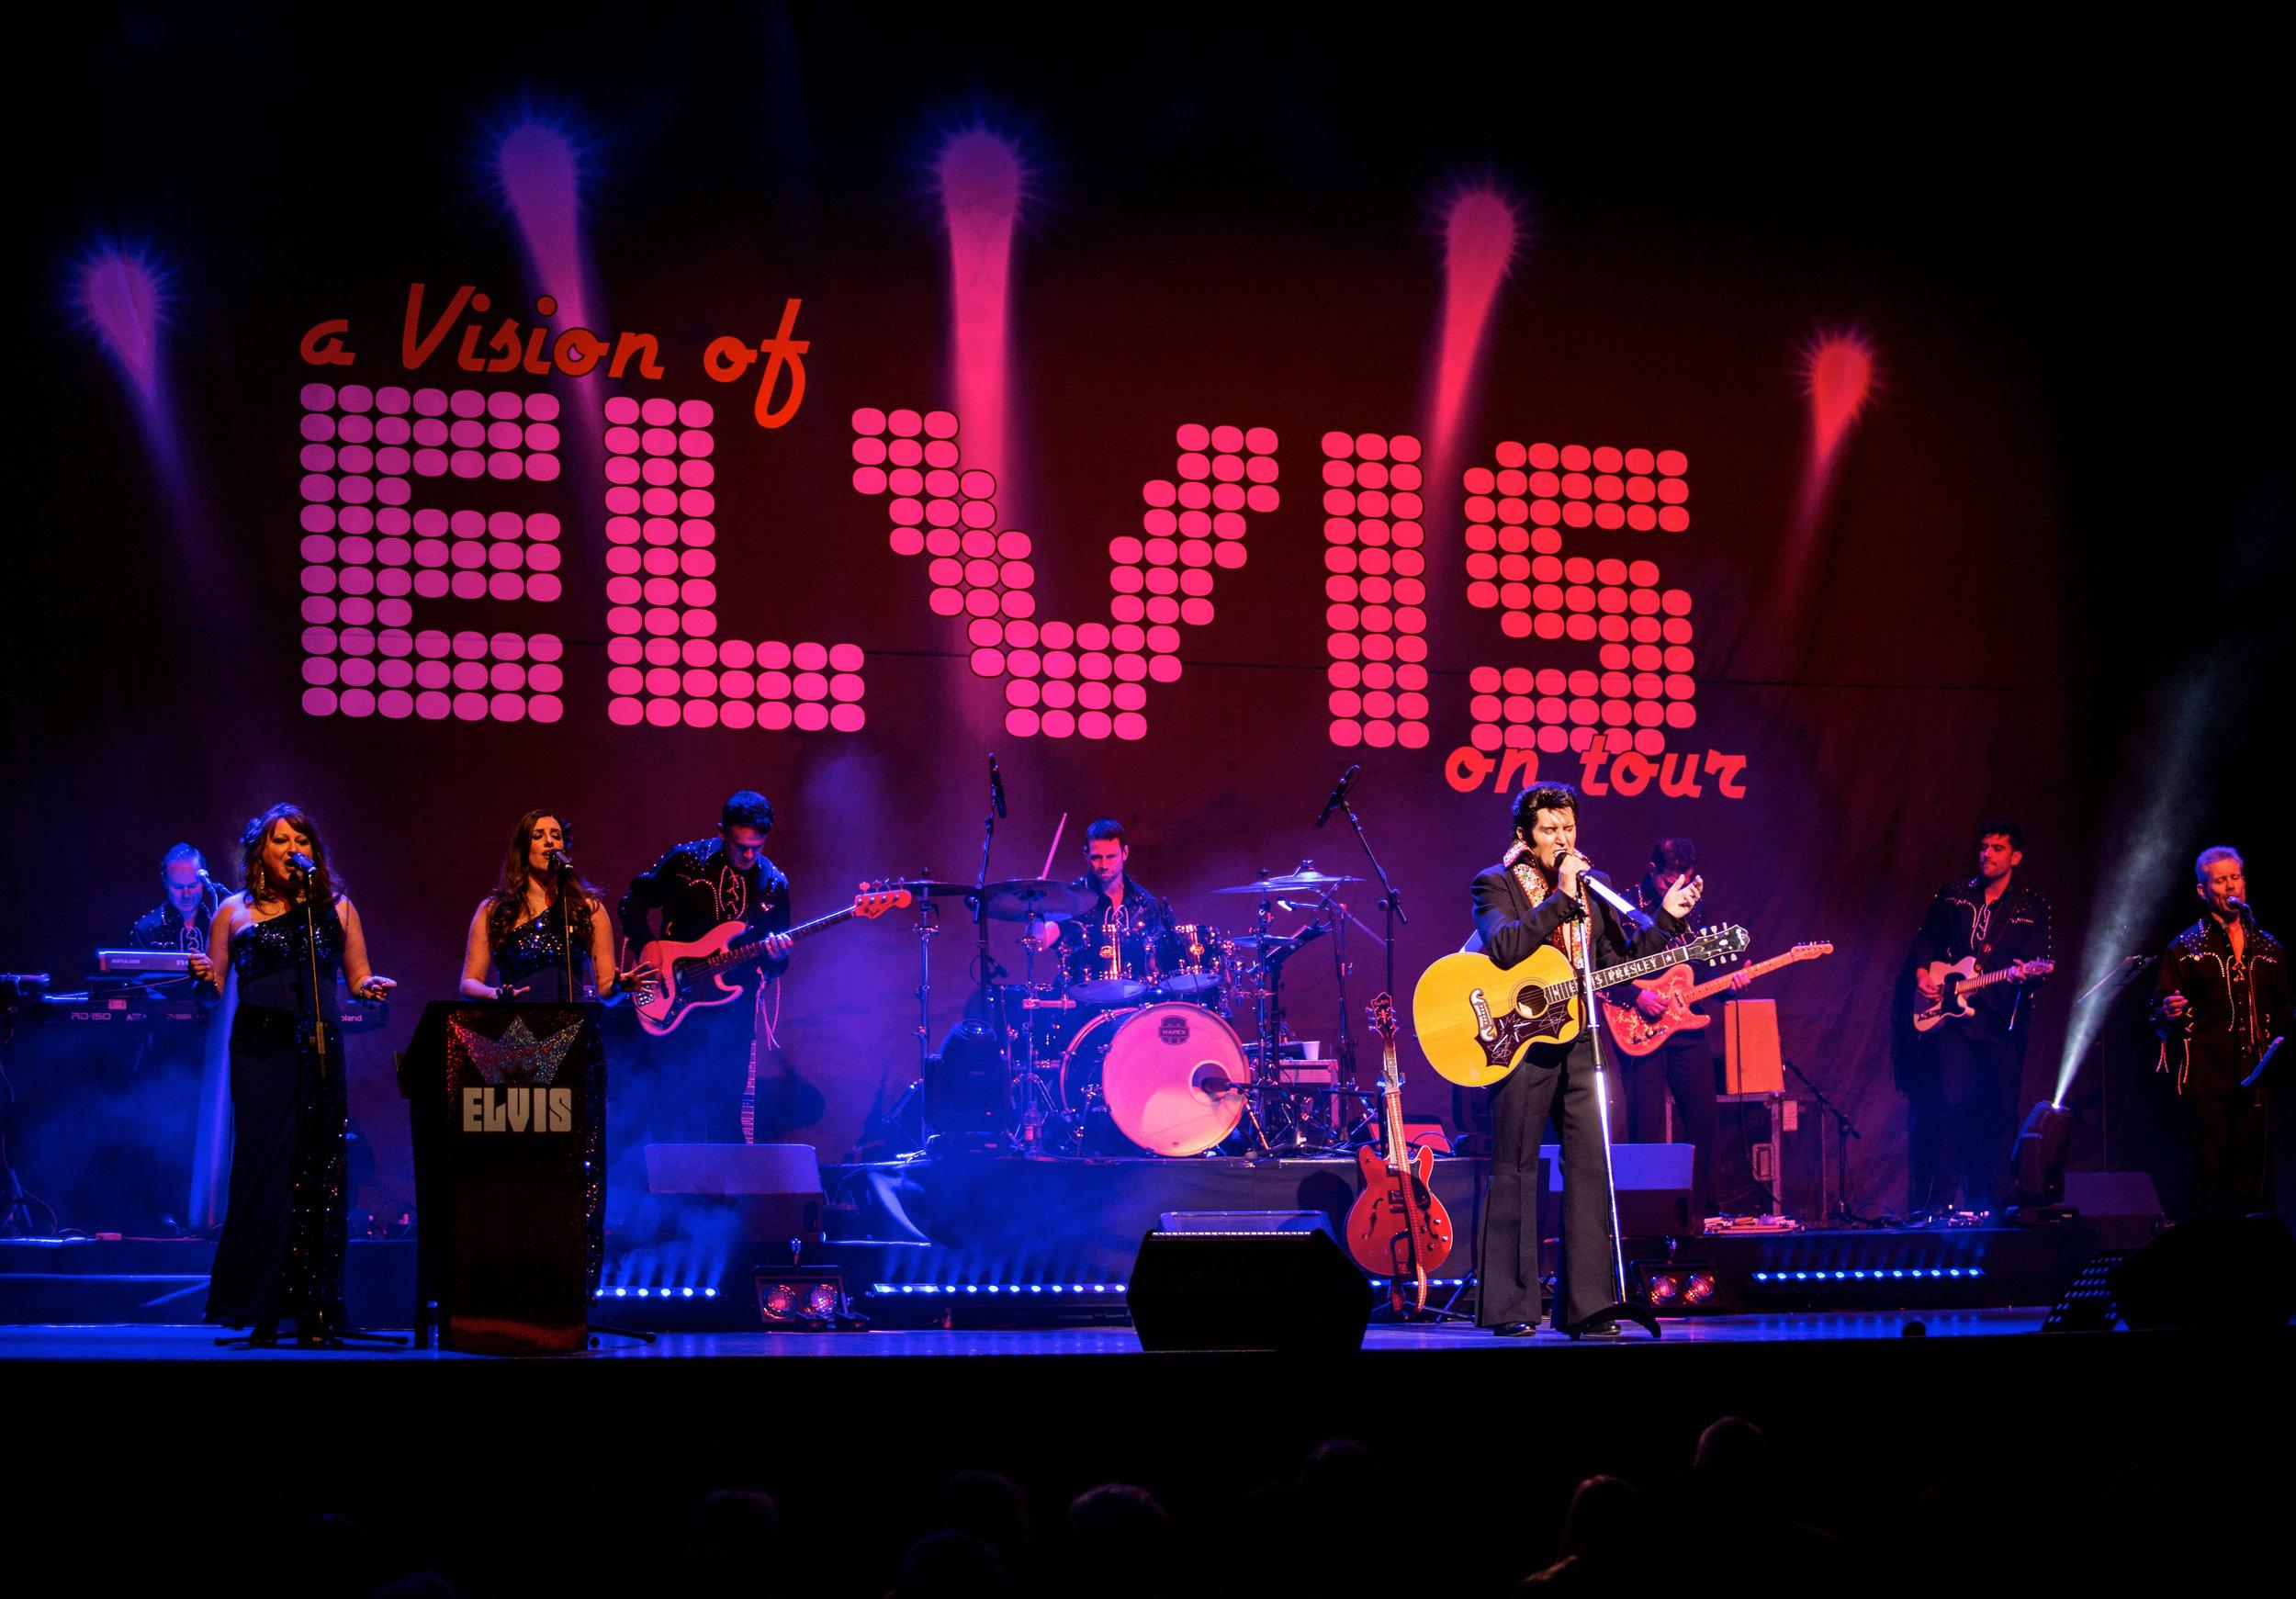 3 Elvis.jpg